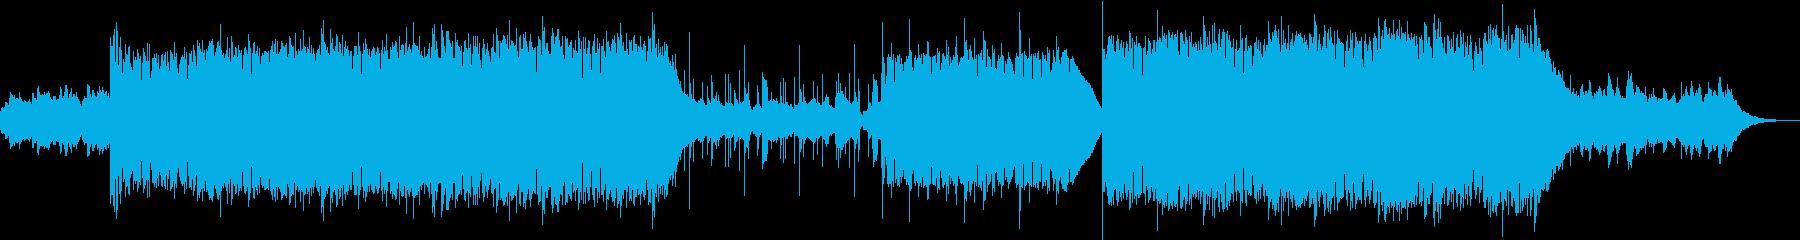 幽霊屋敷・恐怖、ホラーなエレクトロニカの再生済みの波形